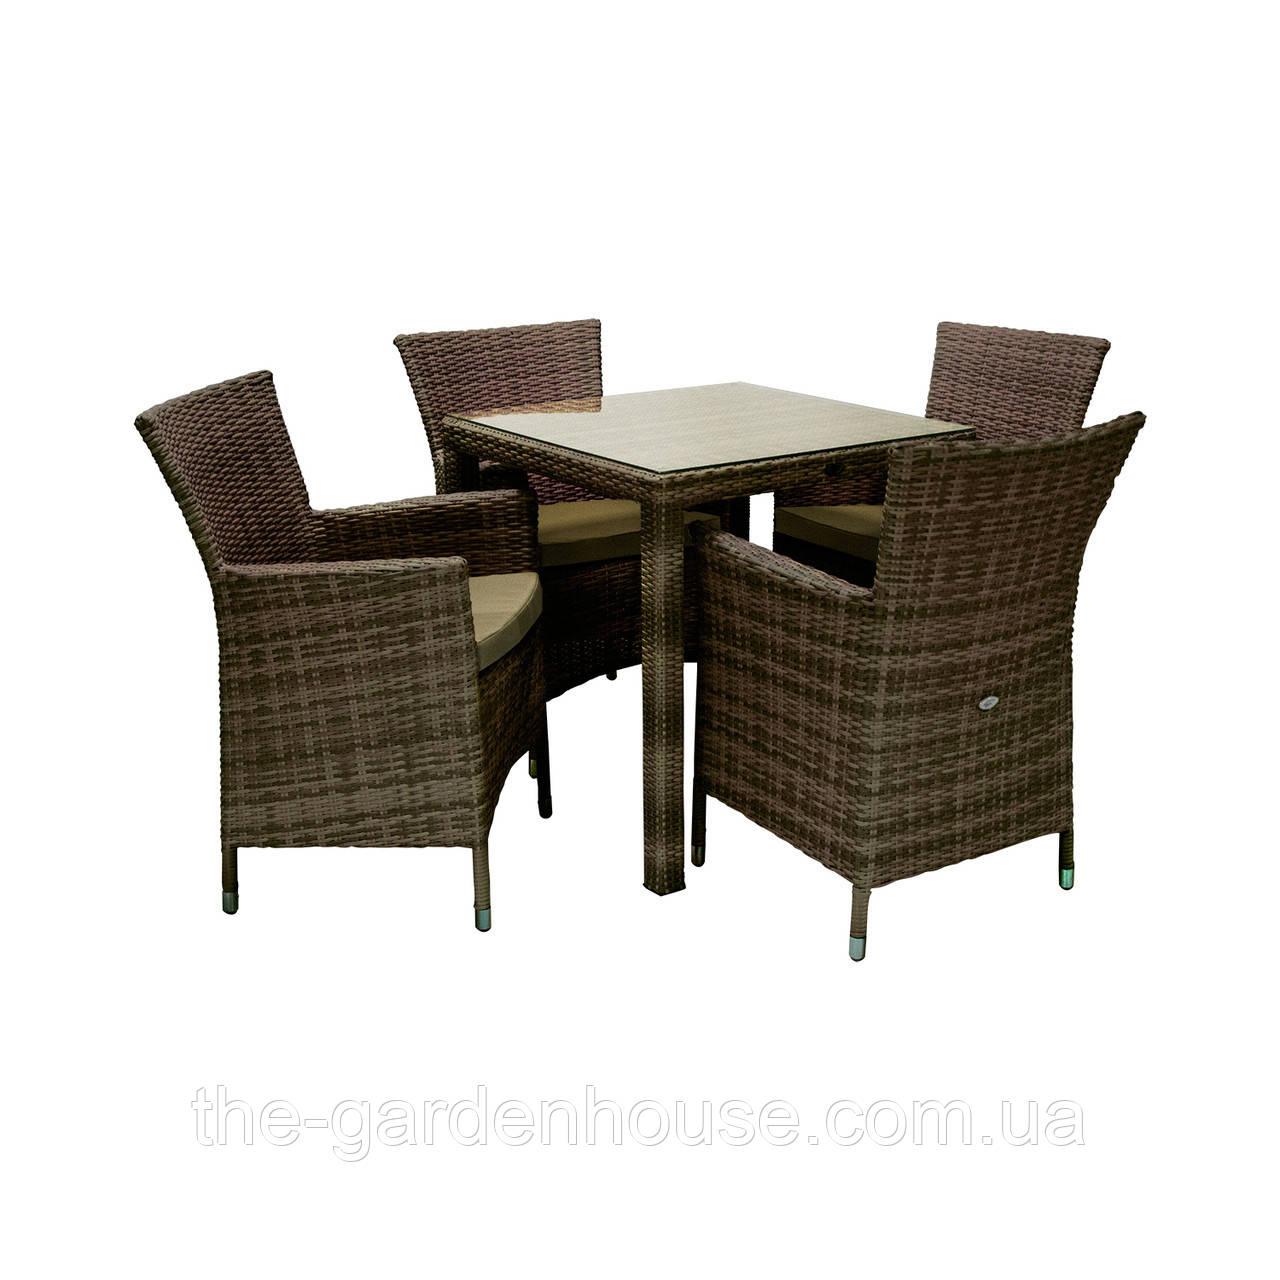 Двухместный набор садовой мебели Викер из техноротанга темно-коричневый